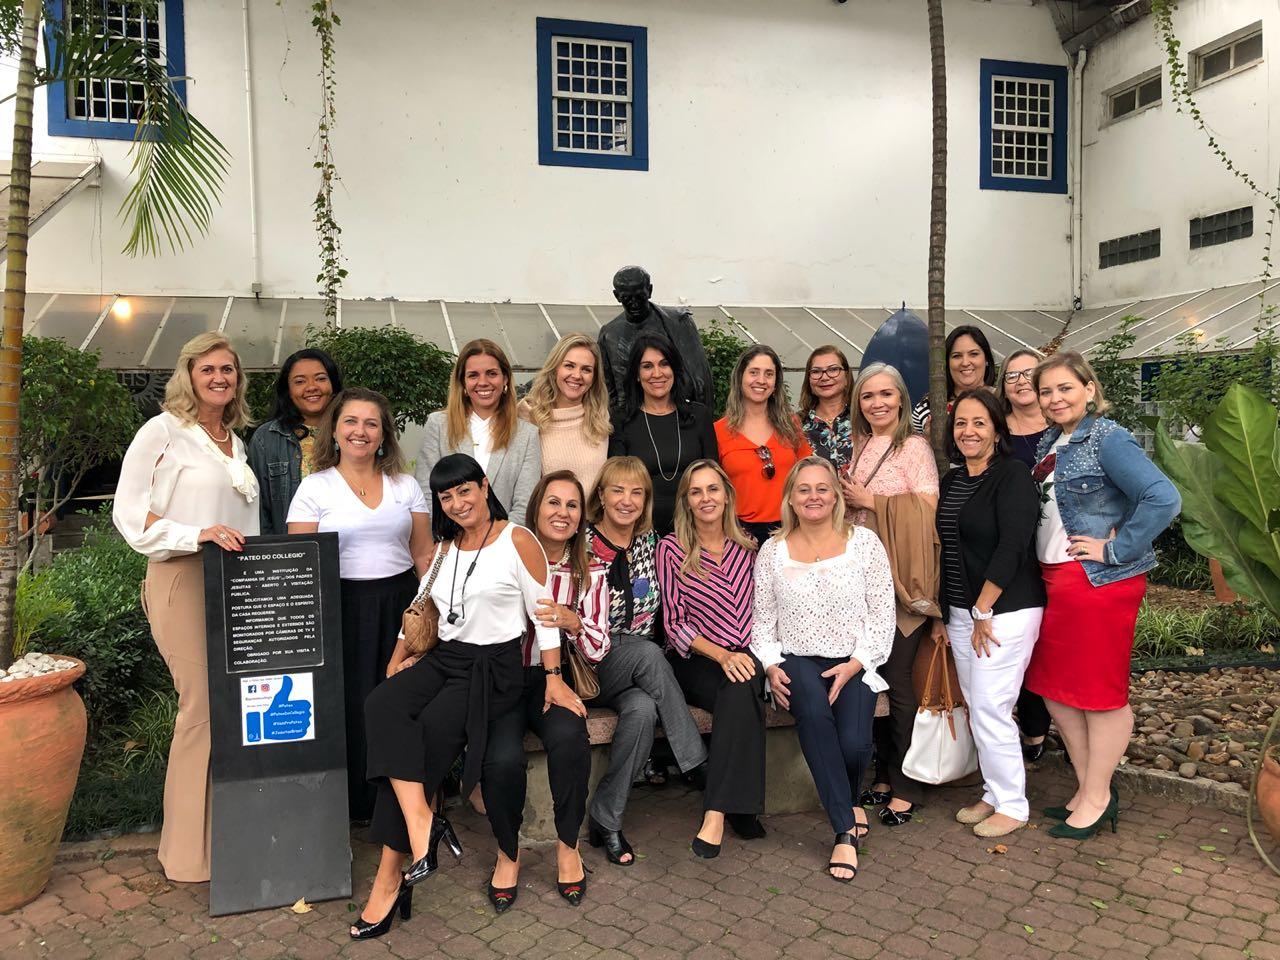 097582753 O grupo Mulheres do Varejo, coordenado pela primeira-dama da Associação  Brasileira de Supermercados (ABRAS), Suzana Sanzovo, se reuniu ontem,  (8/5), ...